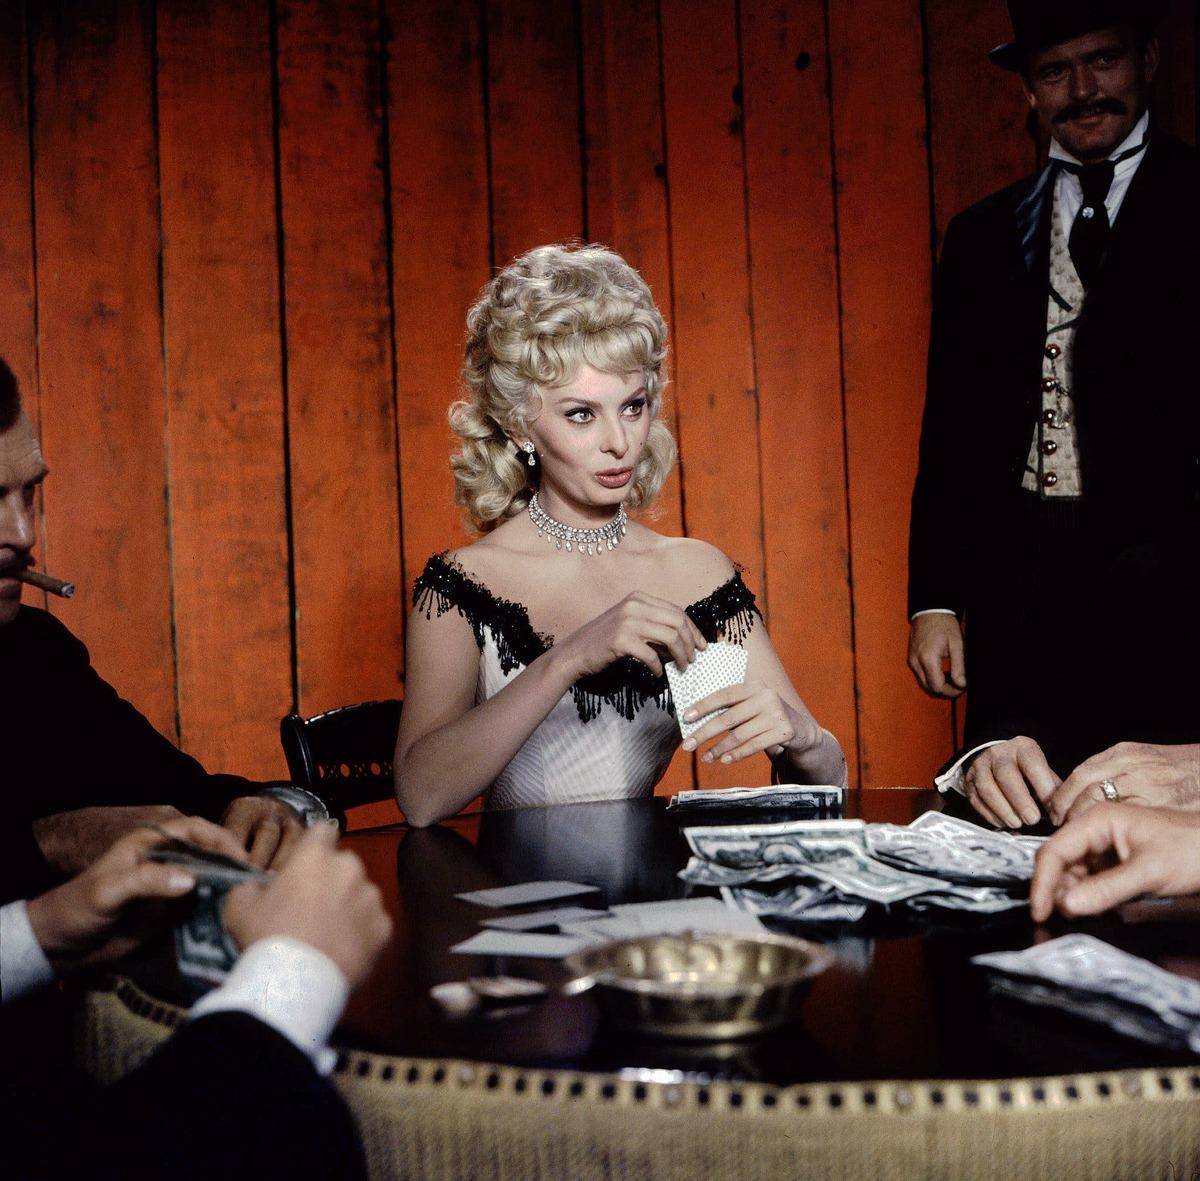 Sophia Loren chuyển sang hình tượng thiếu nữ tóc vàng trong Heller in Pink Tights (1960), George Cukor đạo diễn. Theo New York Time, Cukor yêu cầu bà giảm 9 kg để hợp vai. Ảnh: The New York Times